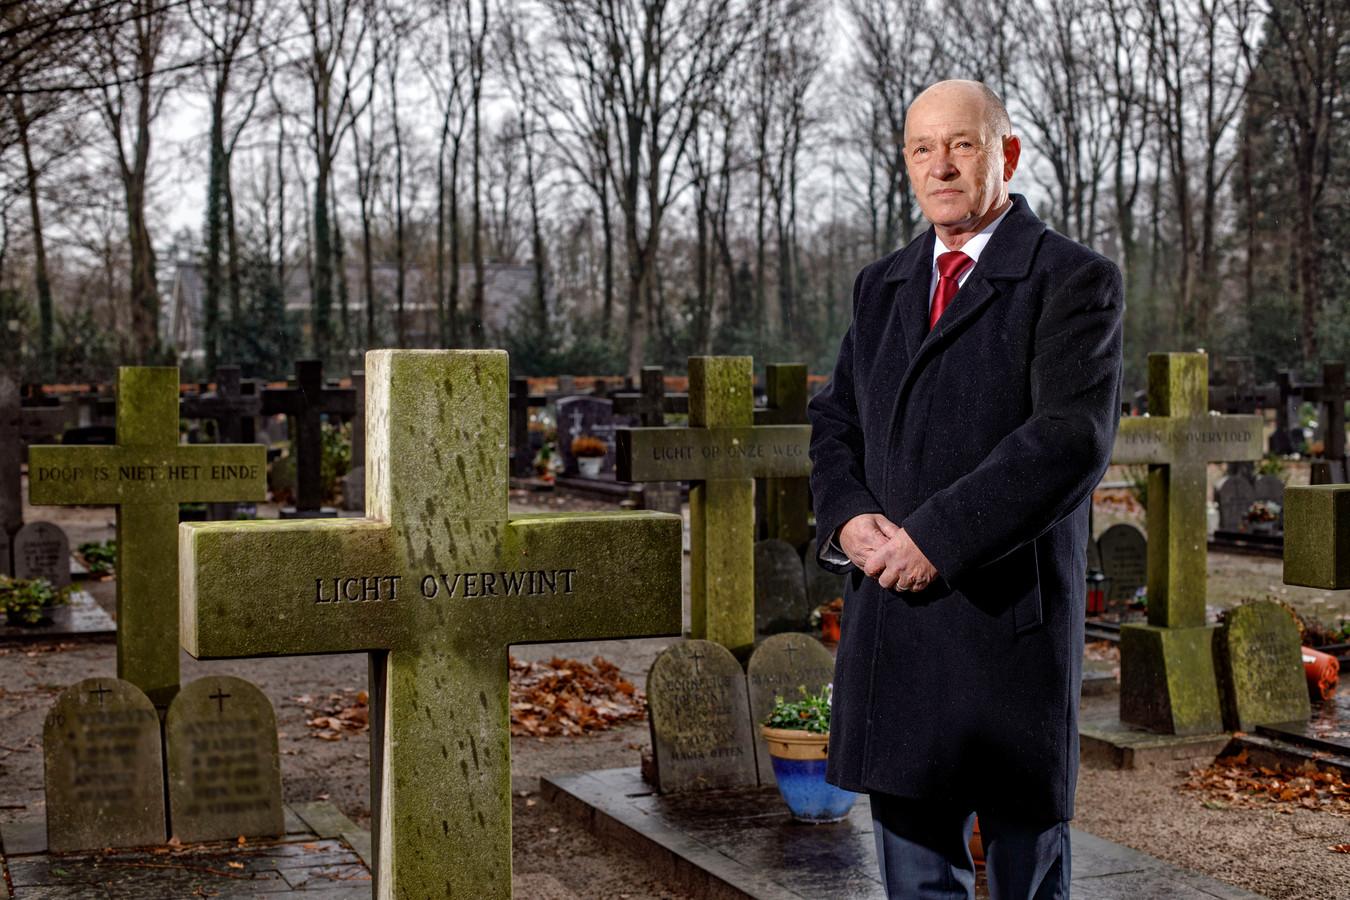 Uitvaarverzorger Sjaak van Esch op de begraafplaats in Loon op Zand.